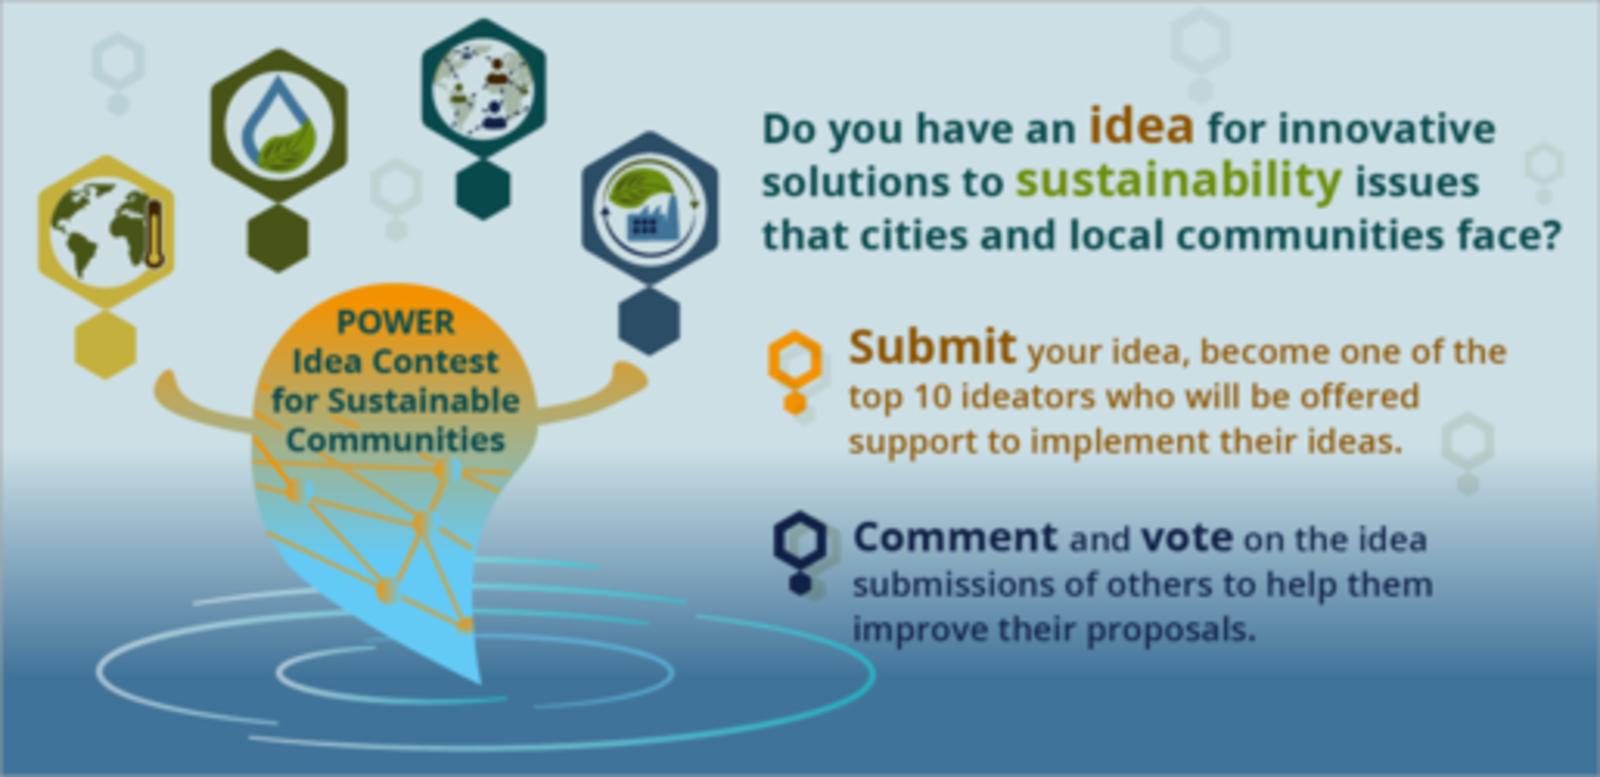 Presenta y vota ideas en el Concurso de Ideas POWER para Comunidades Sostenibles.